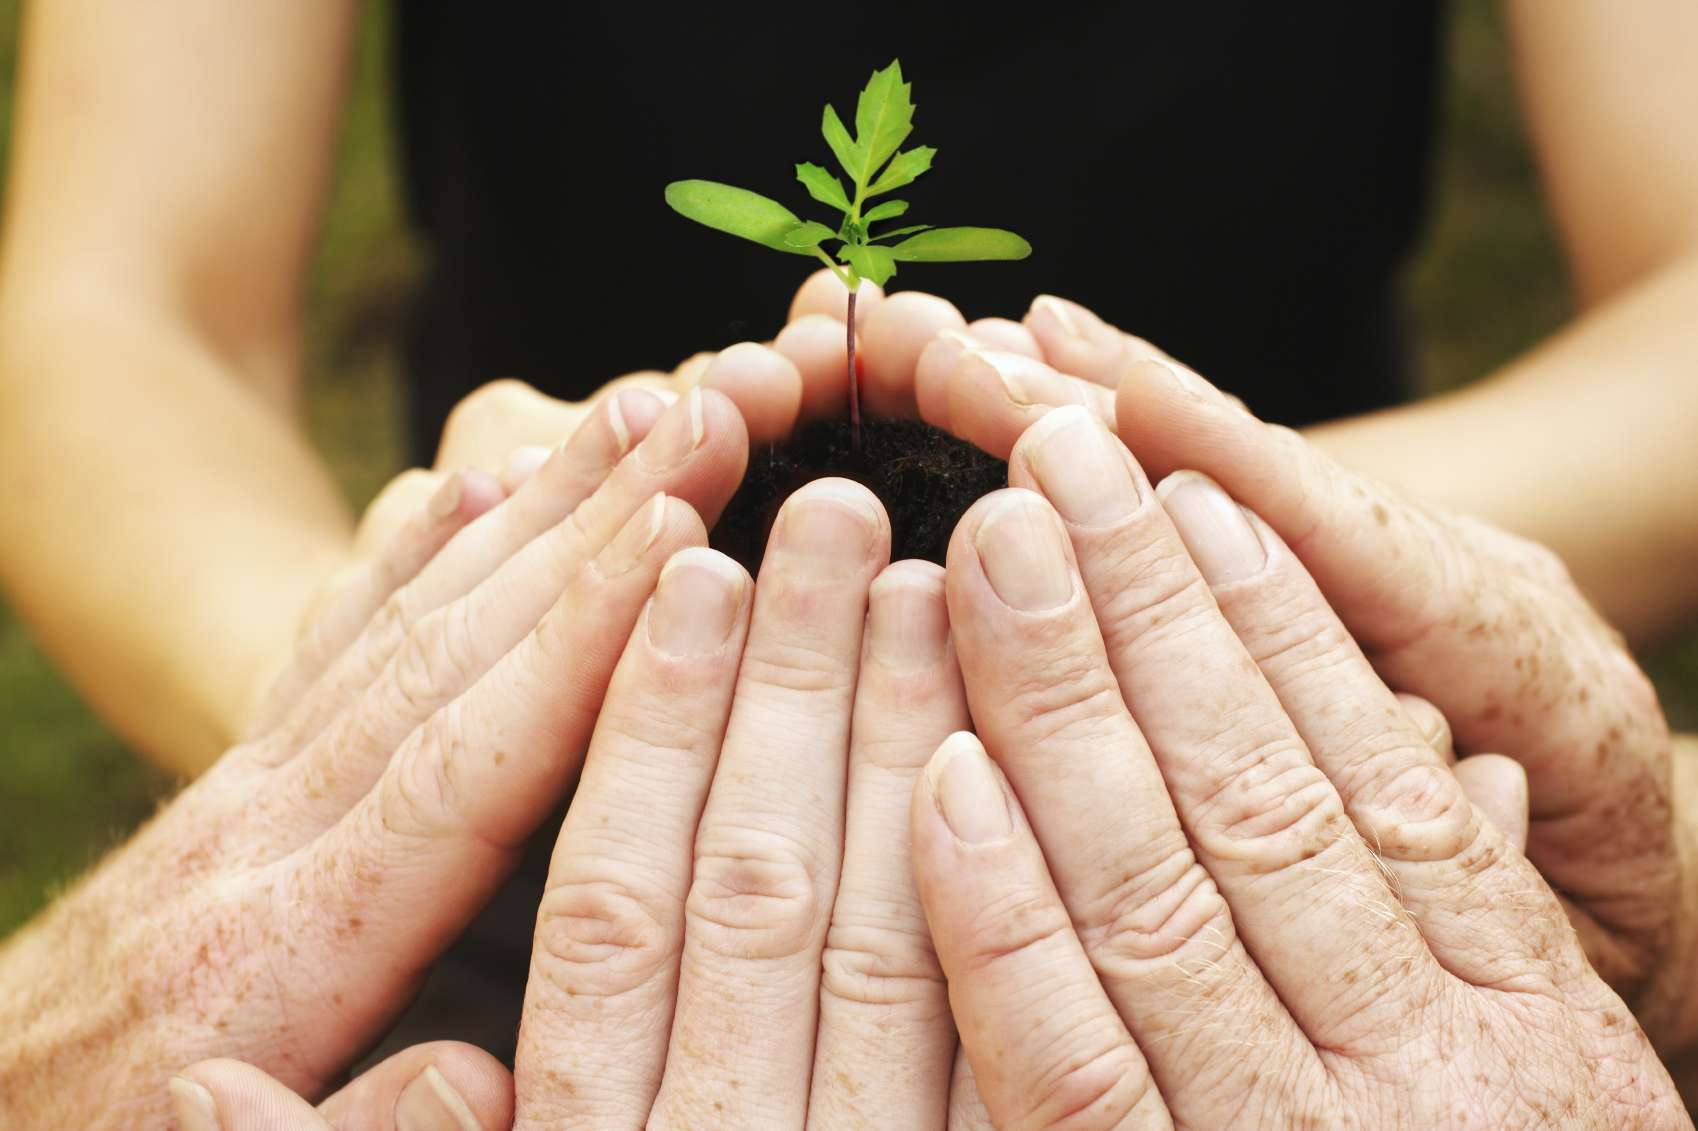 El Día Internacional de la Solidaridad Humana pretende hacer reflexionar al mundo sobre la importancia de la ayuda mutua. Foto: iStock